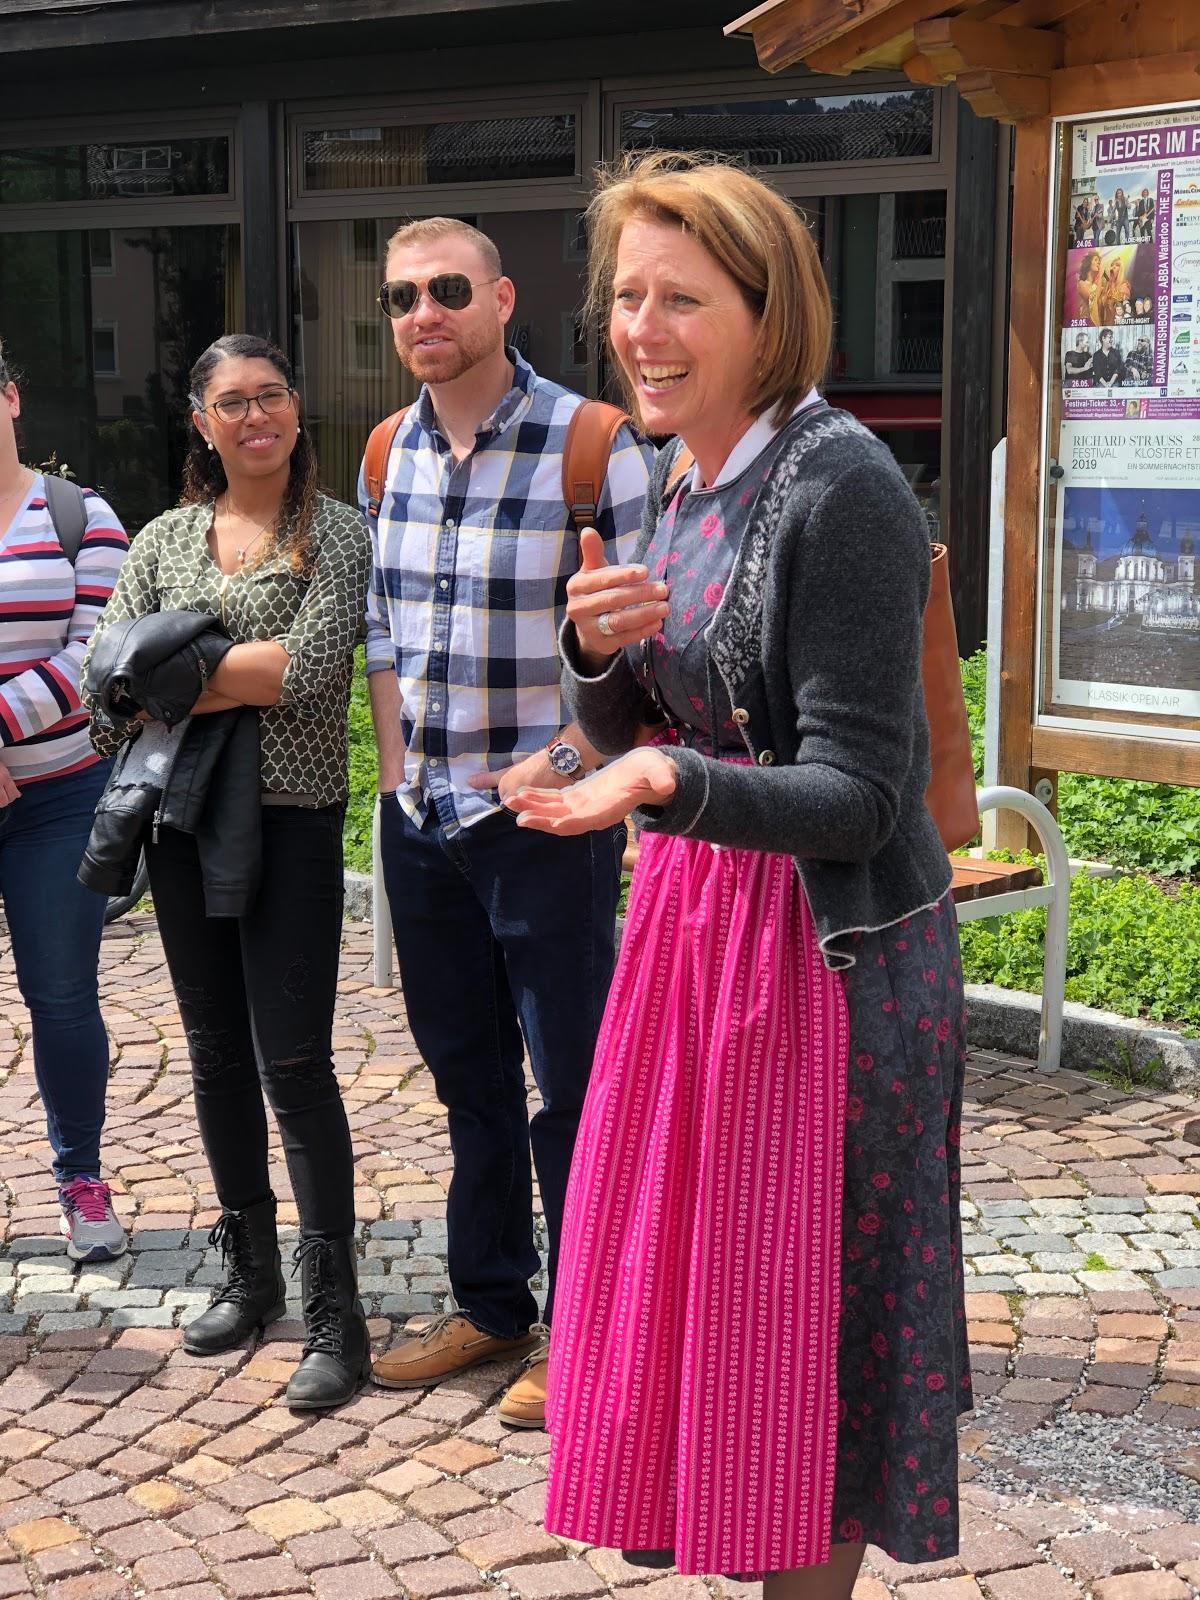 tour guide Claudia, wedding weekend, Dirndl, destination wedding, mountain wedding, wedding in Bavaria, wedding planner, 4 weddings & events, Uschi Glas, Garmisch-Partenkirchen, Zugspitze, Garmisch wedding, Germany, wedding coordinator